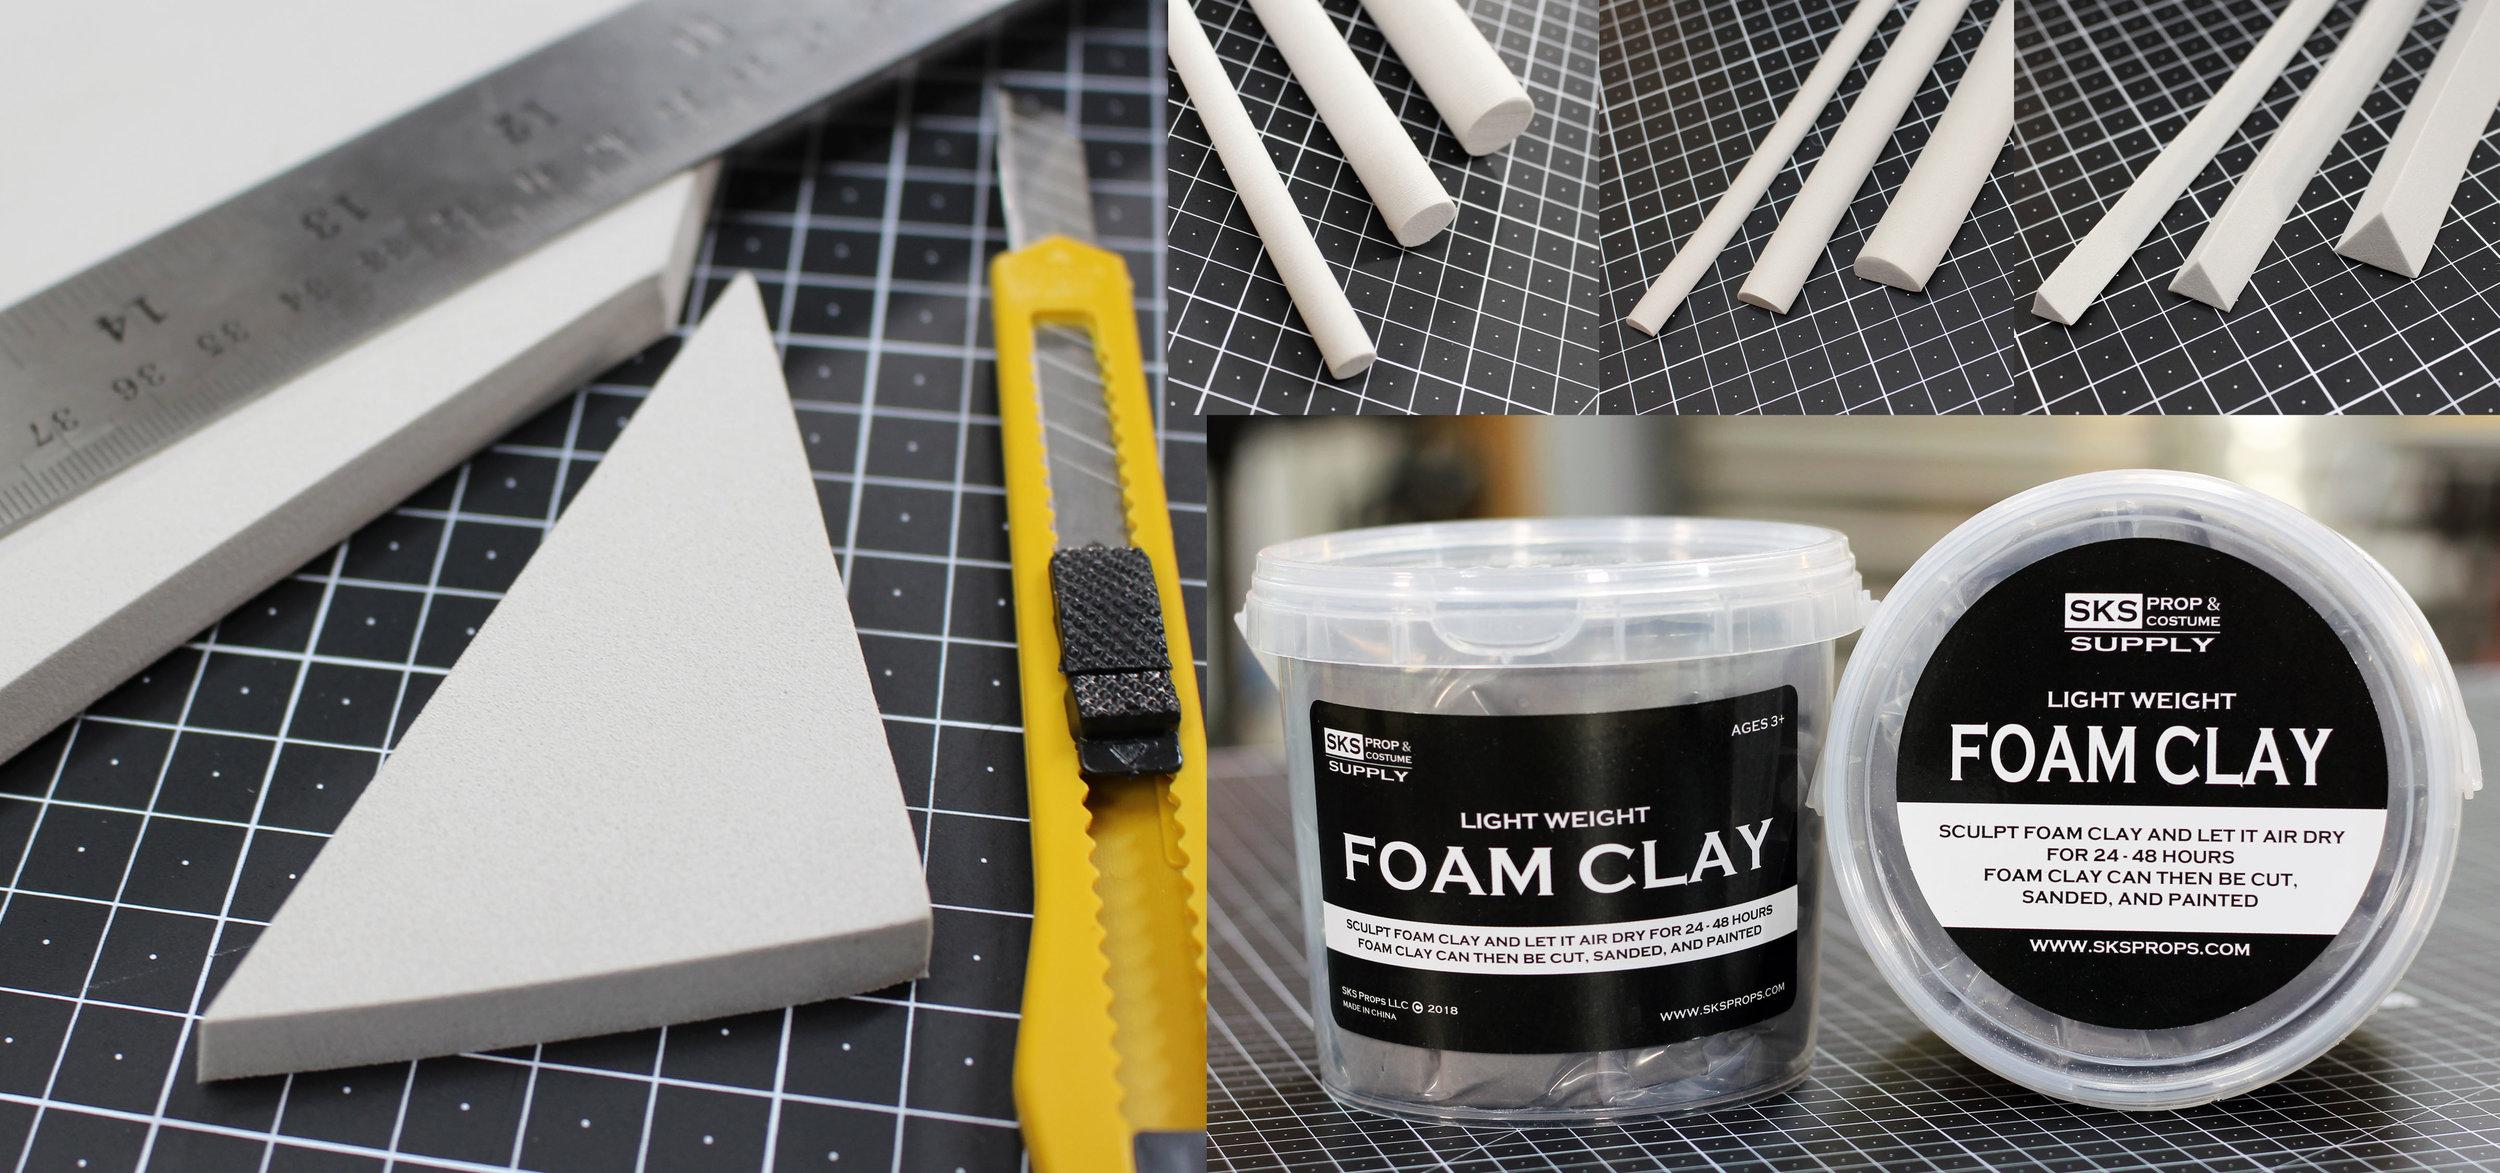 hd foam2.jpg